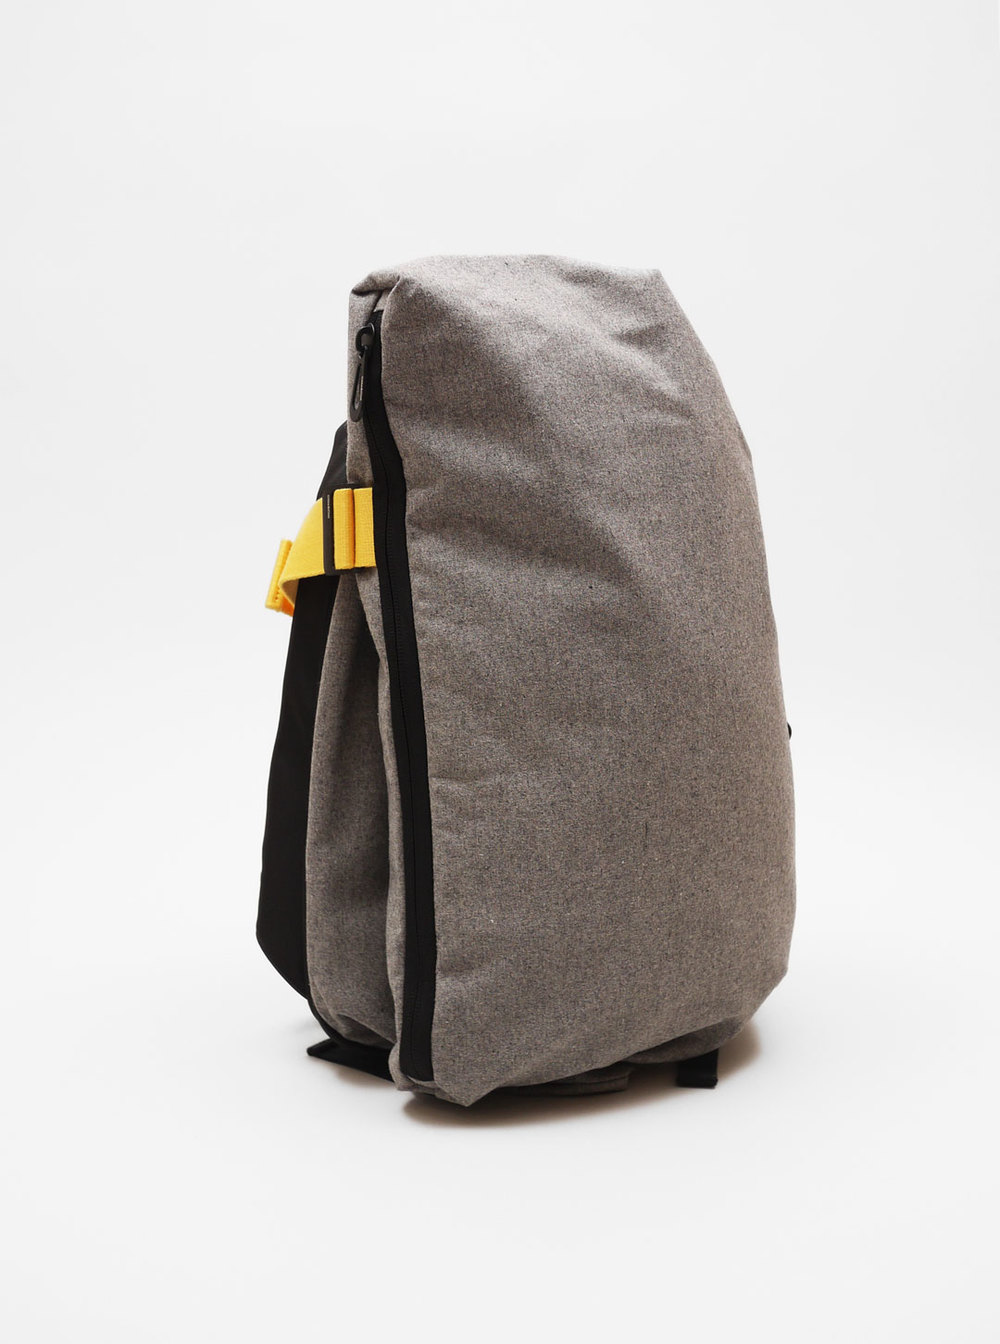 Cote et Ciel: Isar Backpack